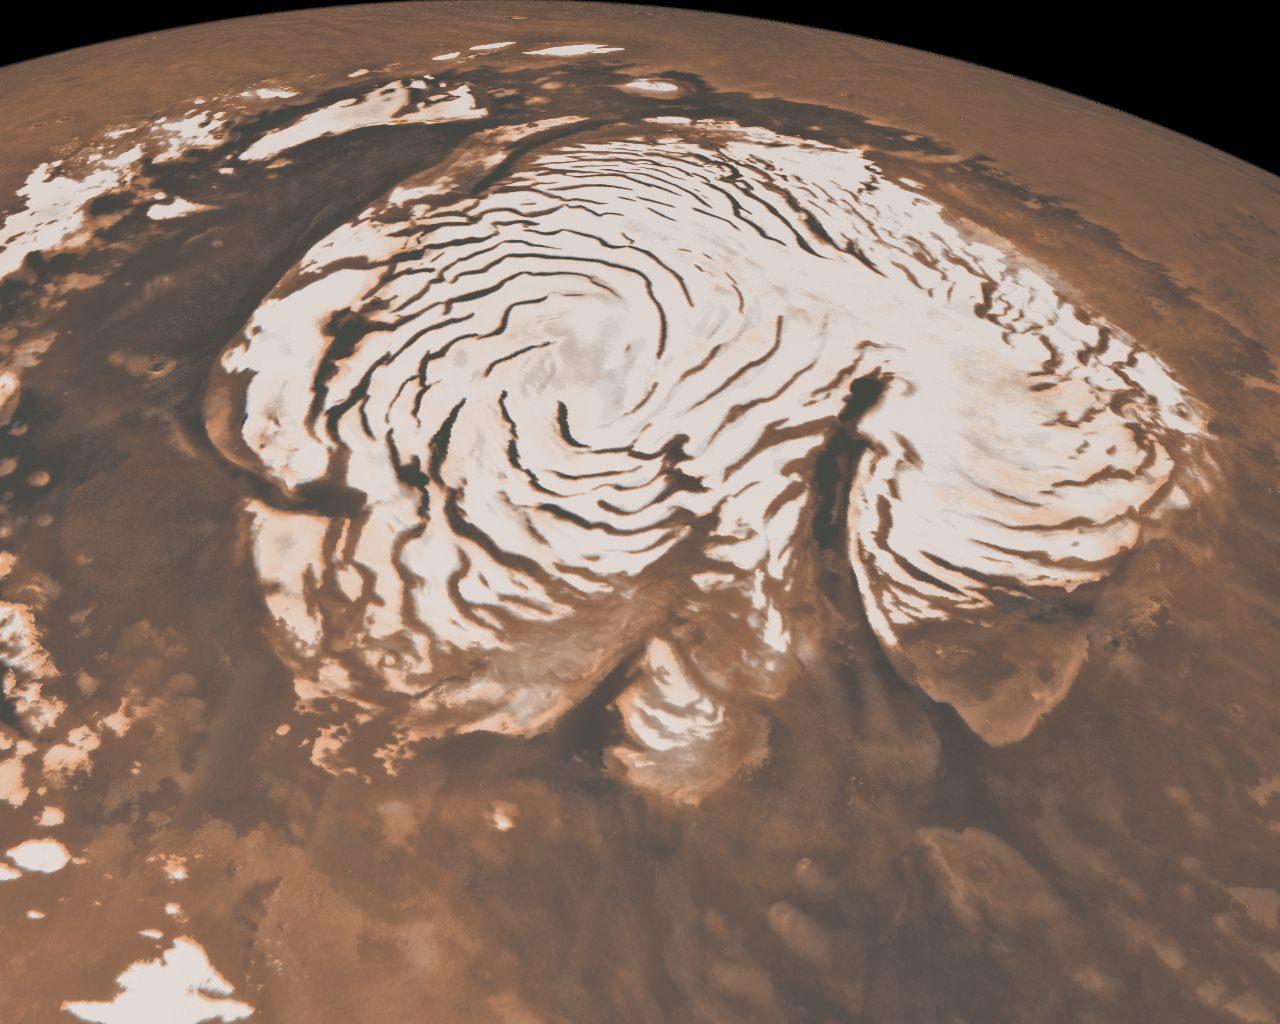 Marte estuvo cubierto por hielo, según un estudio